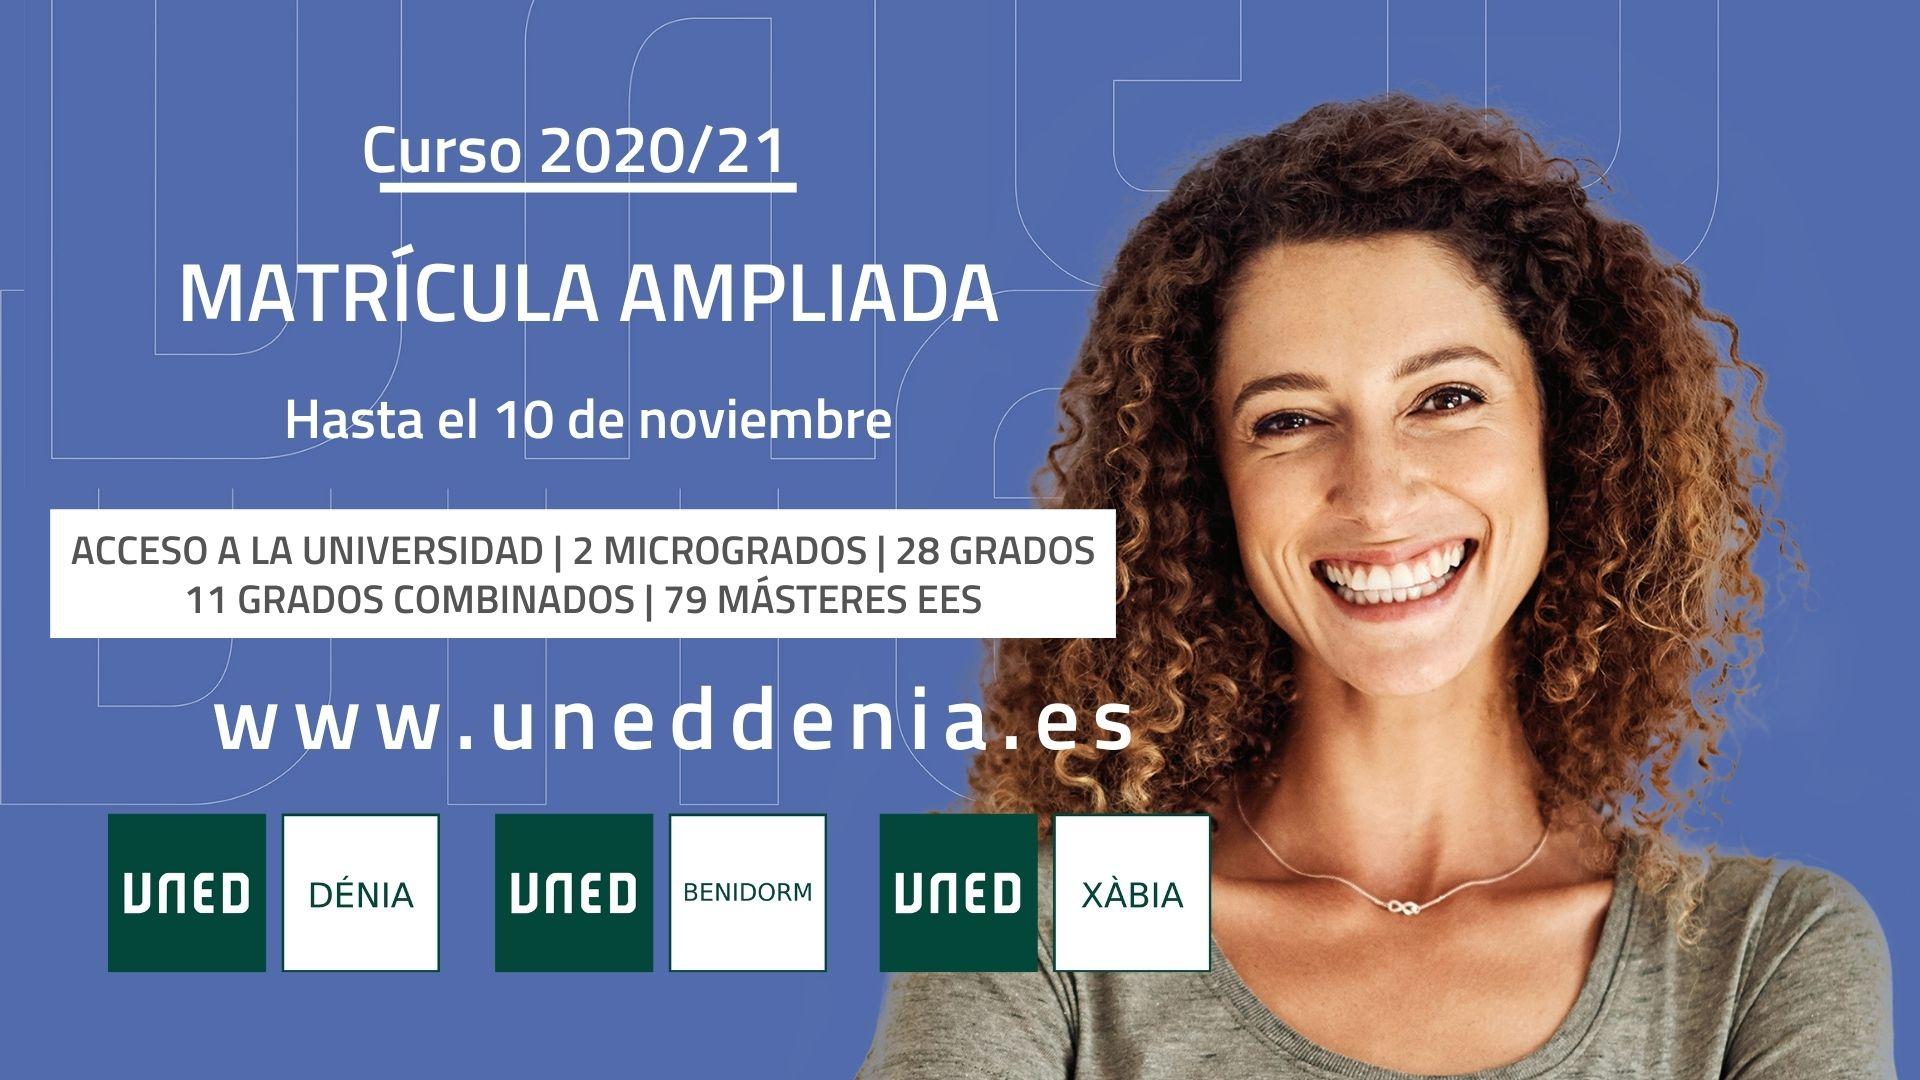 UNED Dénia - Enlargement of enrollment